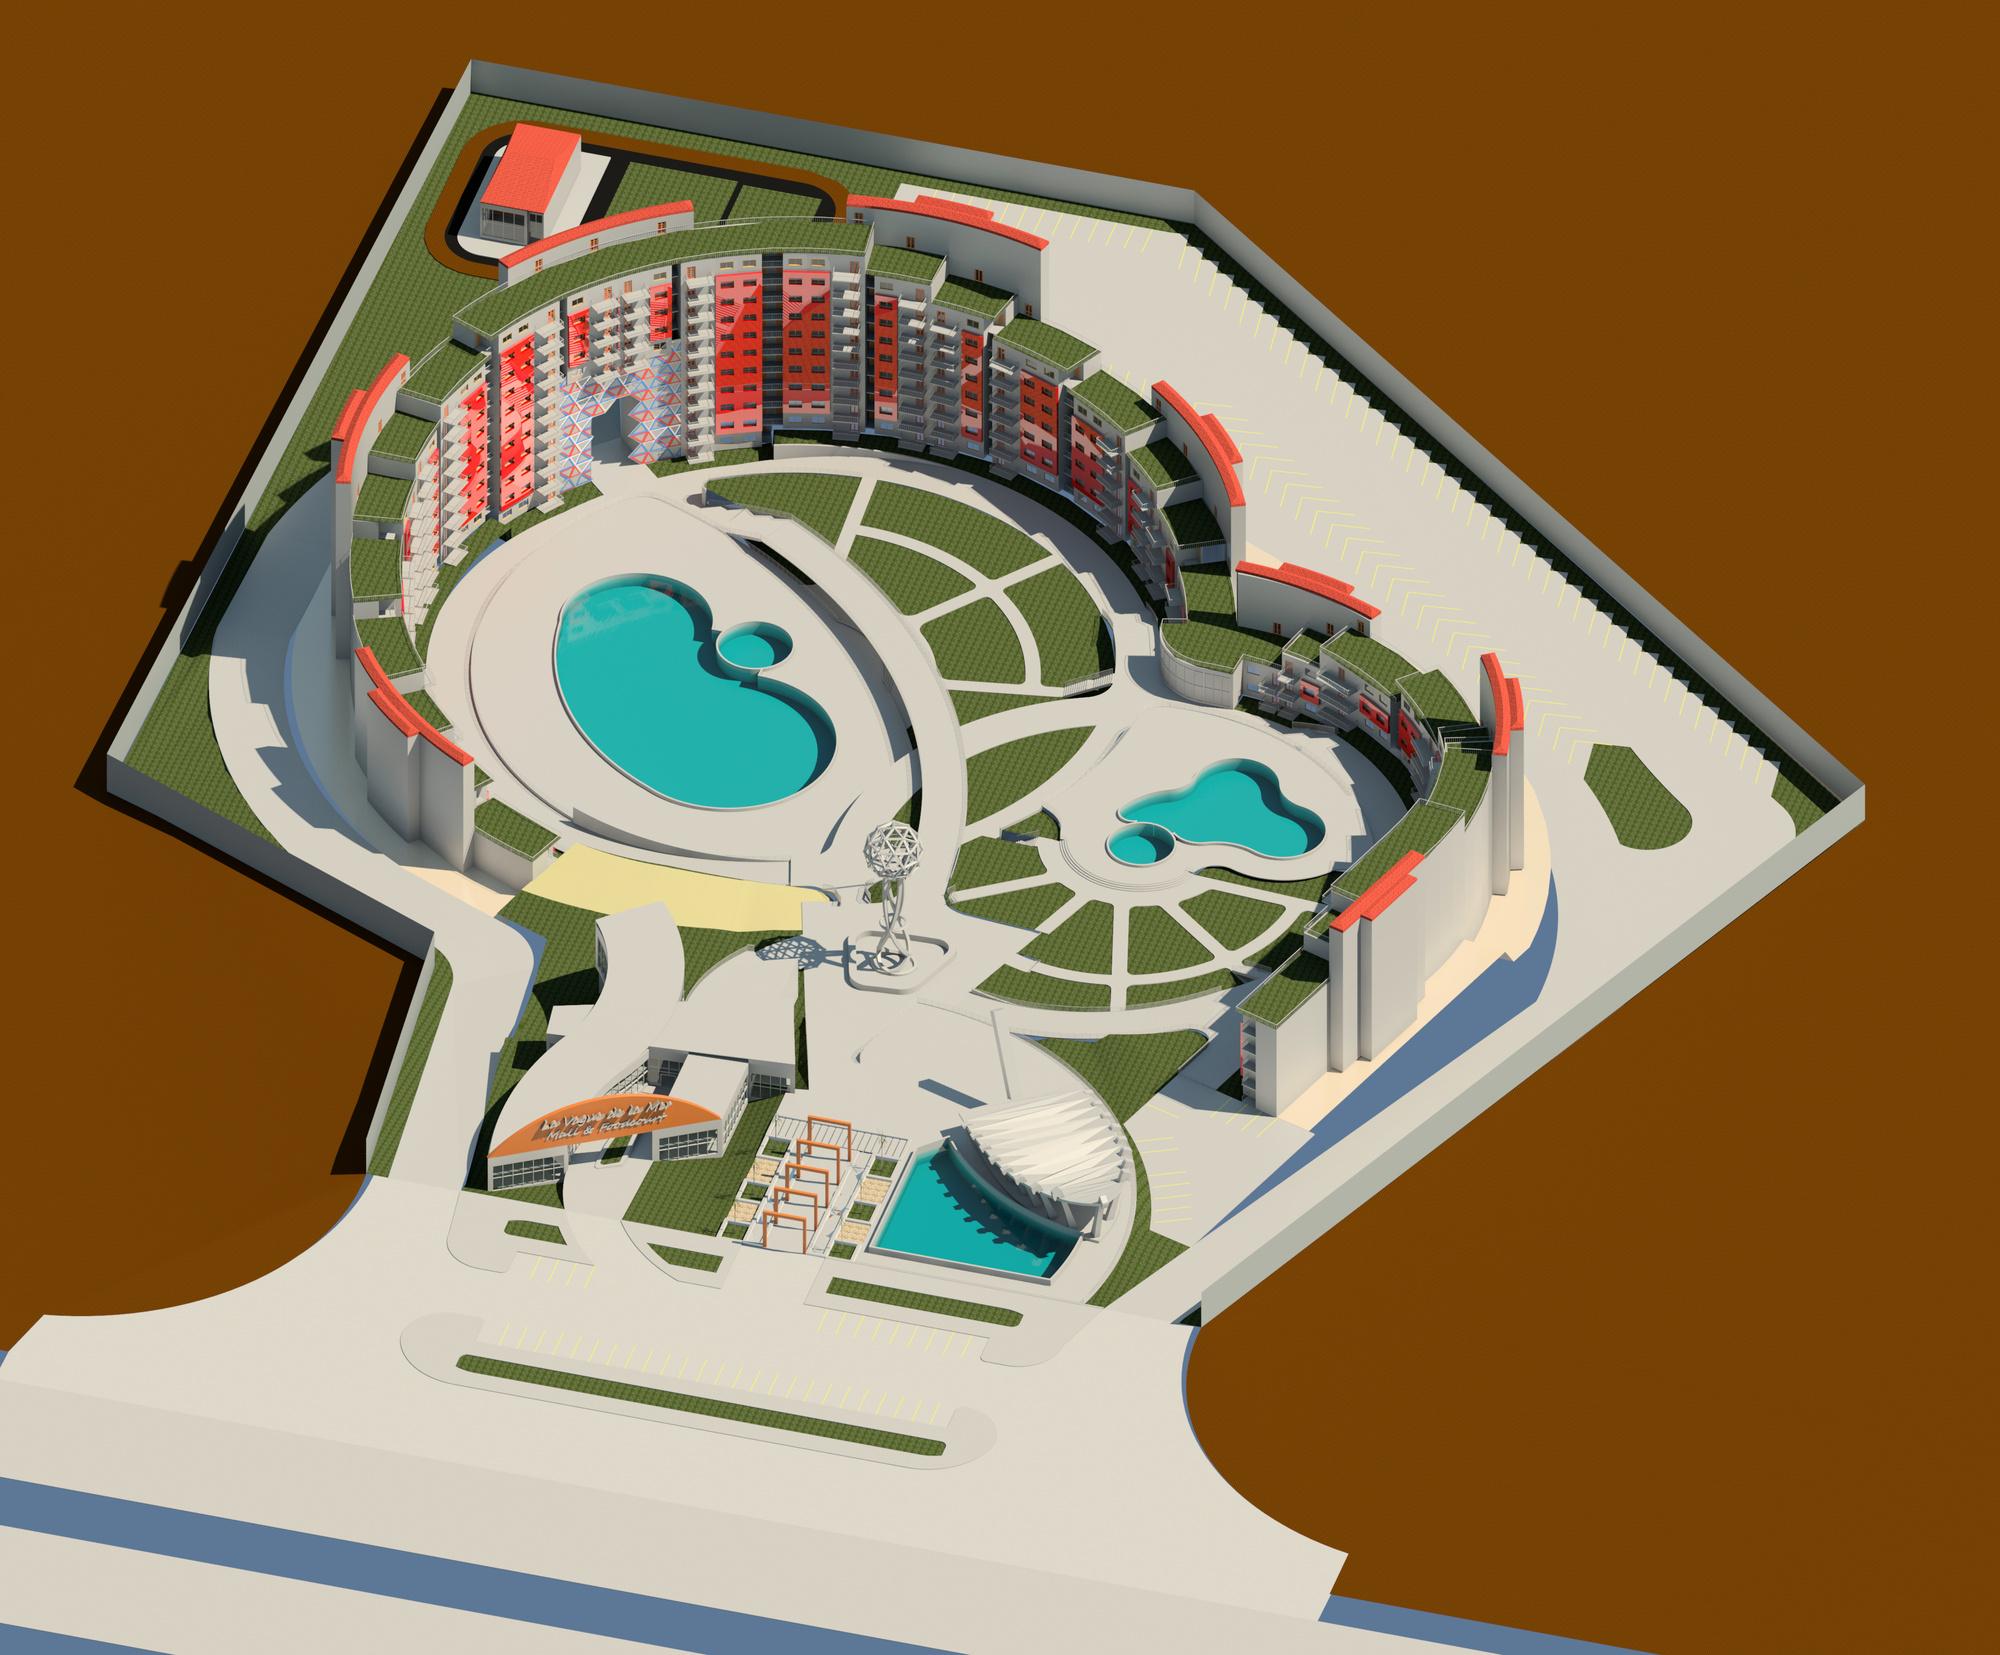 Raas-rendering20150511-7861-w47f4p